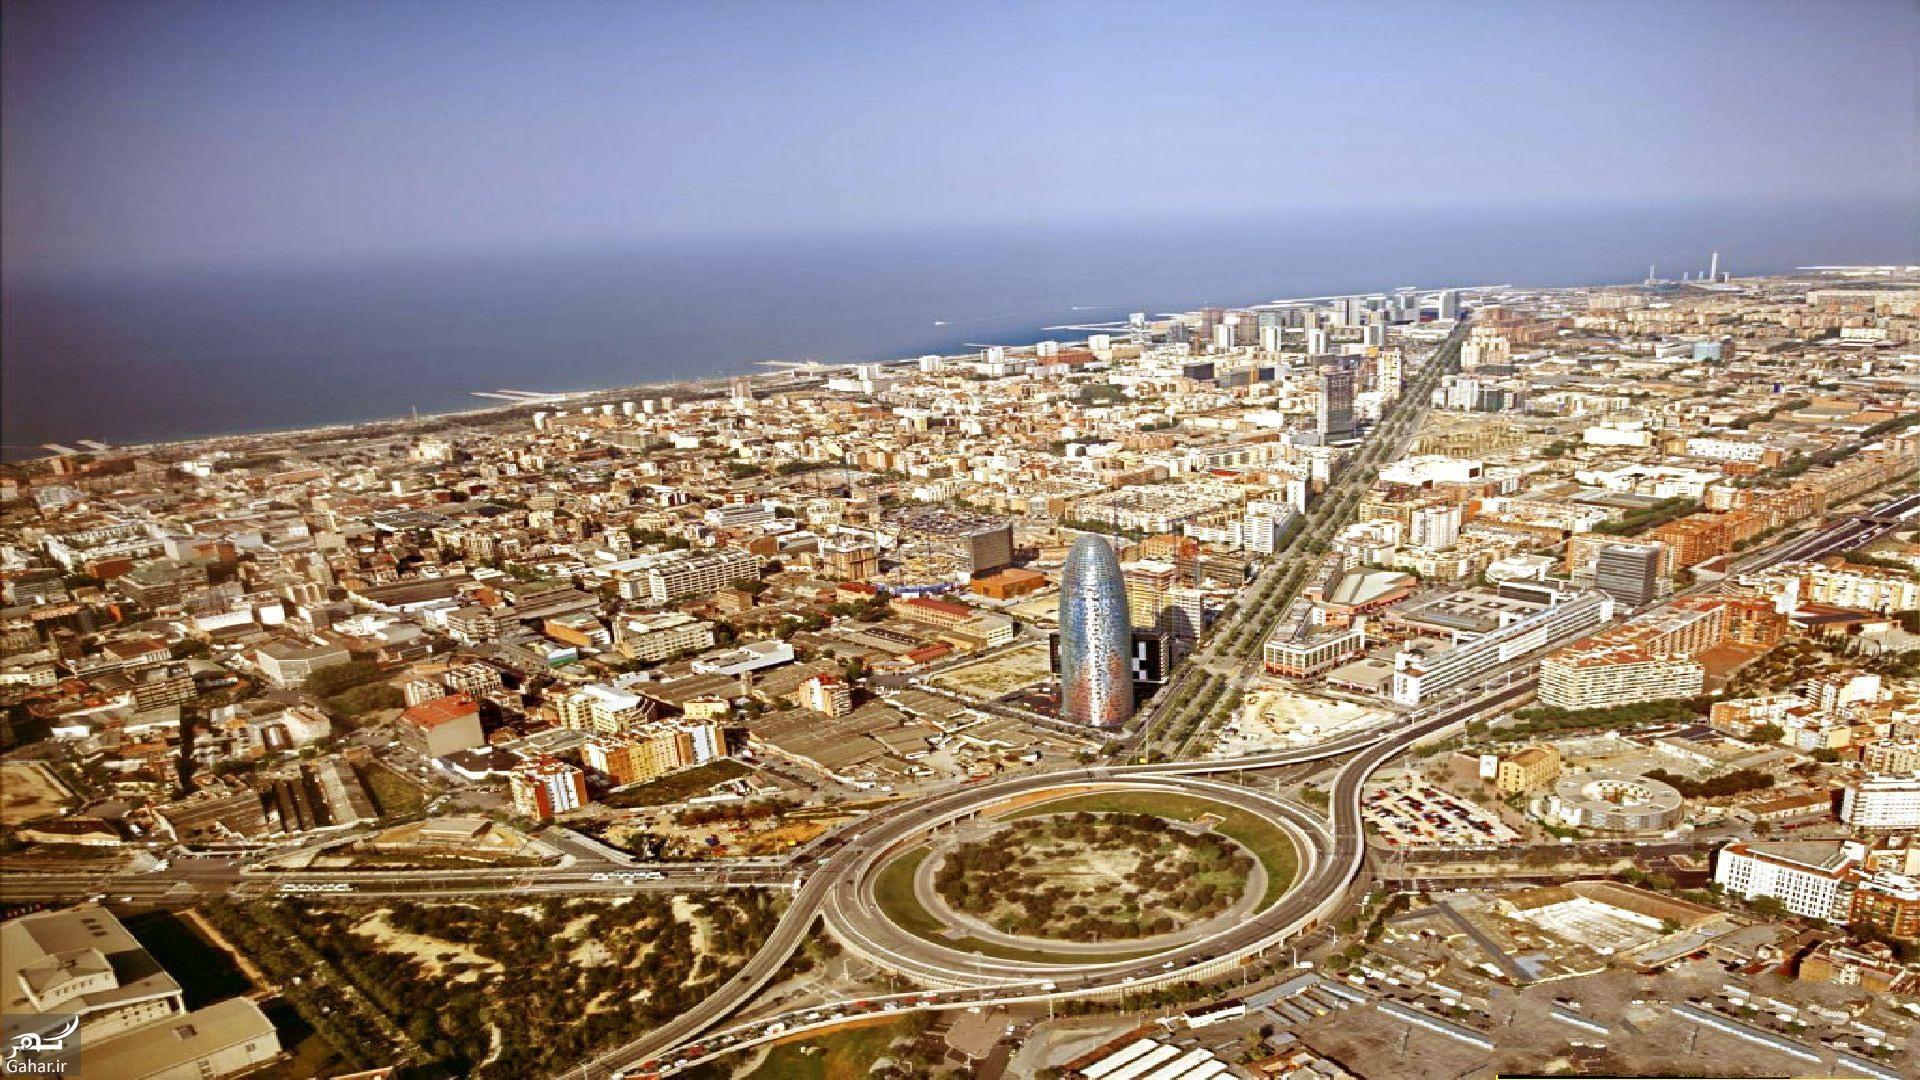 جاذبه های گردشگری شهر بارسلون اسپانیا, جدید 1400 -گهر